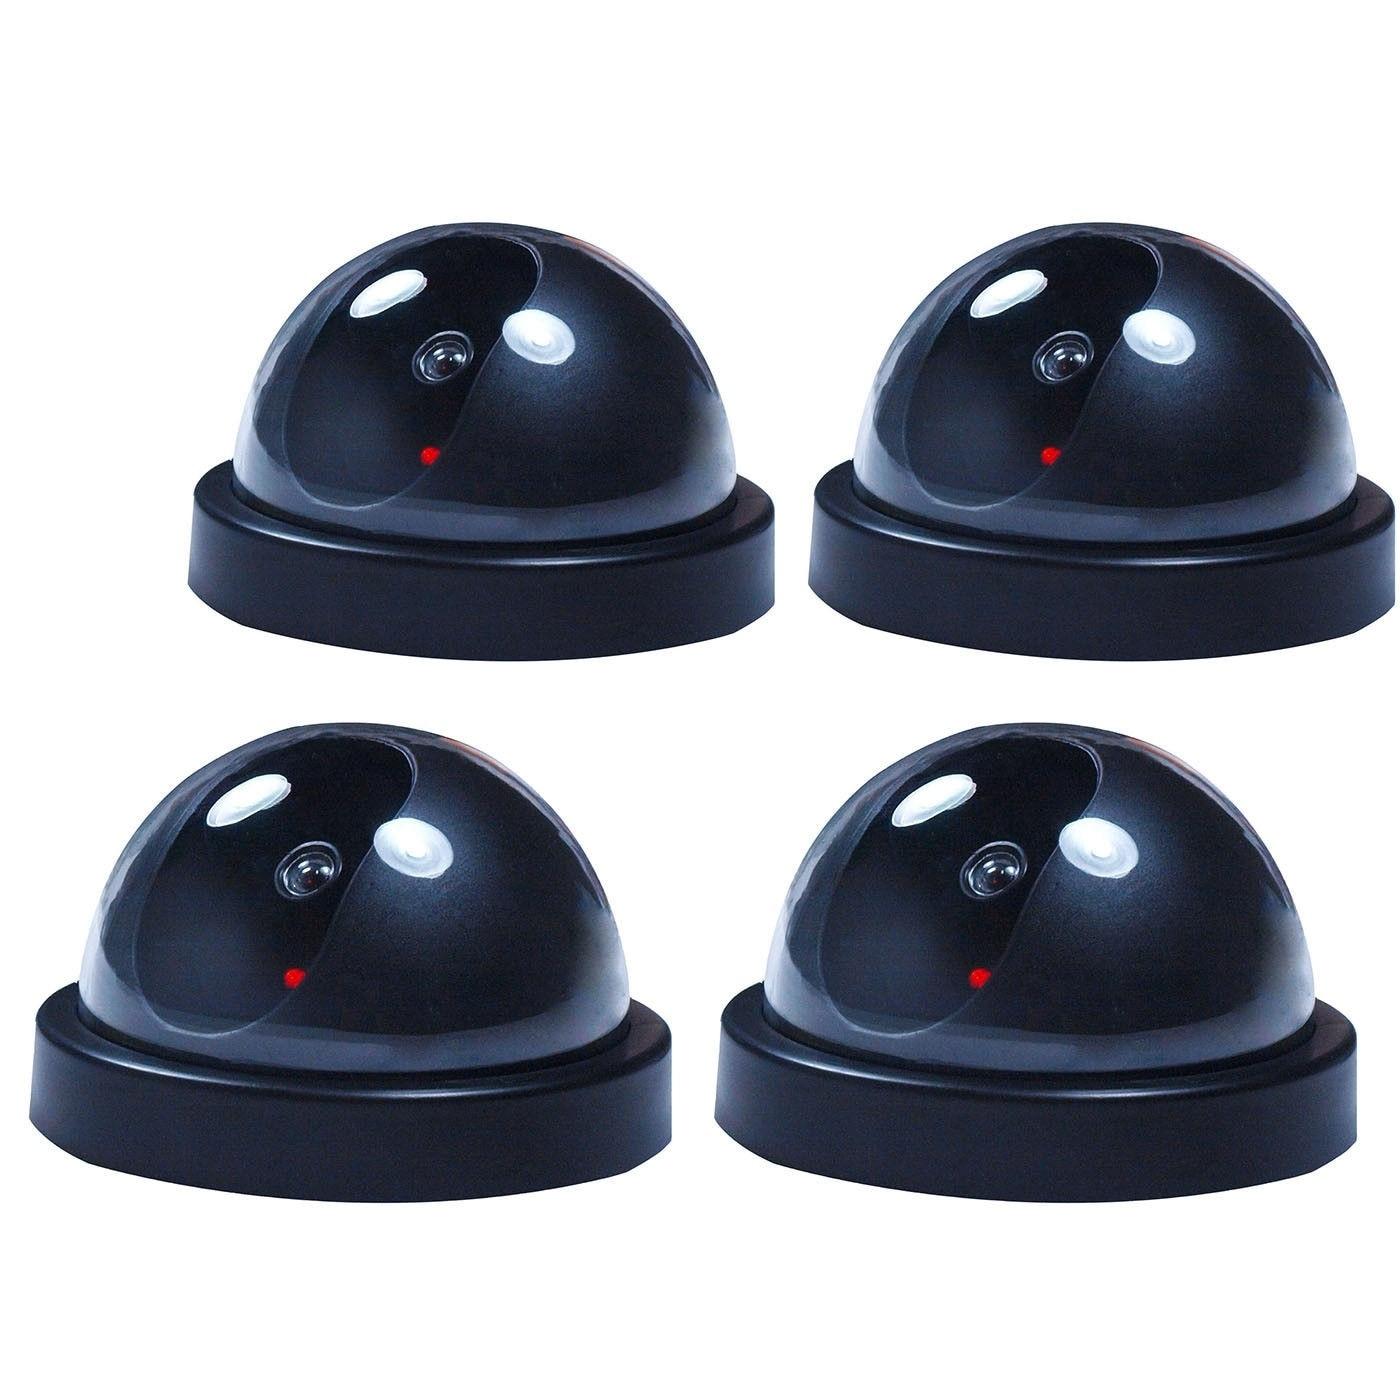 bilder für 4 Stücke Gefälschte Dummy Dome Überwachungskamera CCTV w/Rekord Blitzlicht